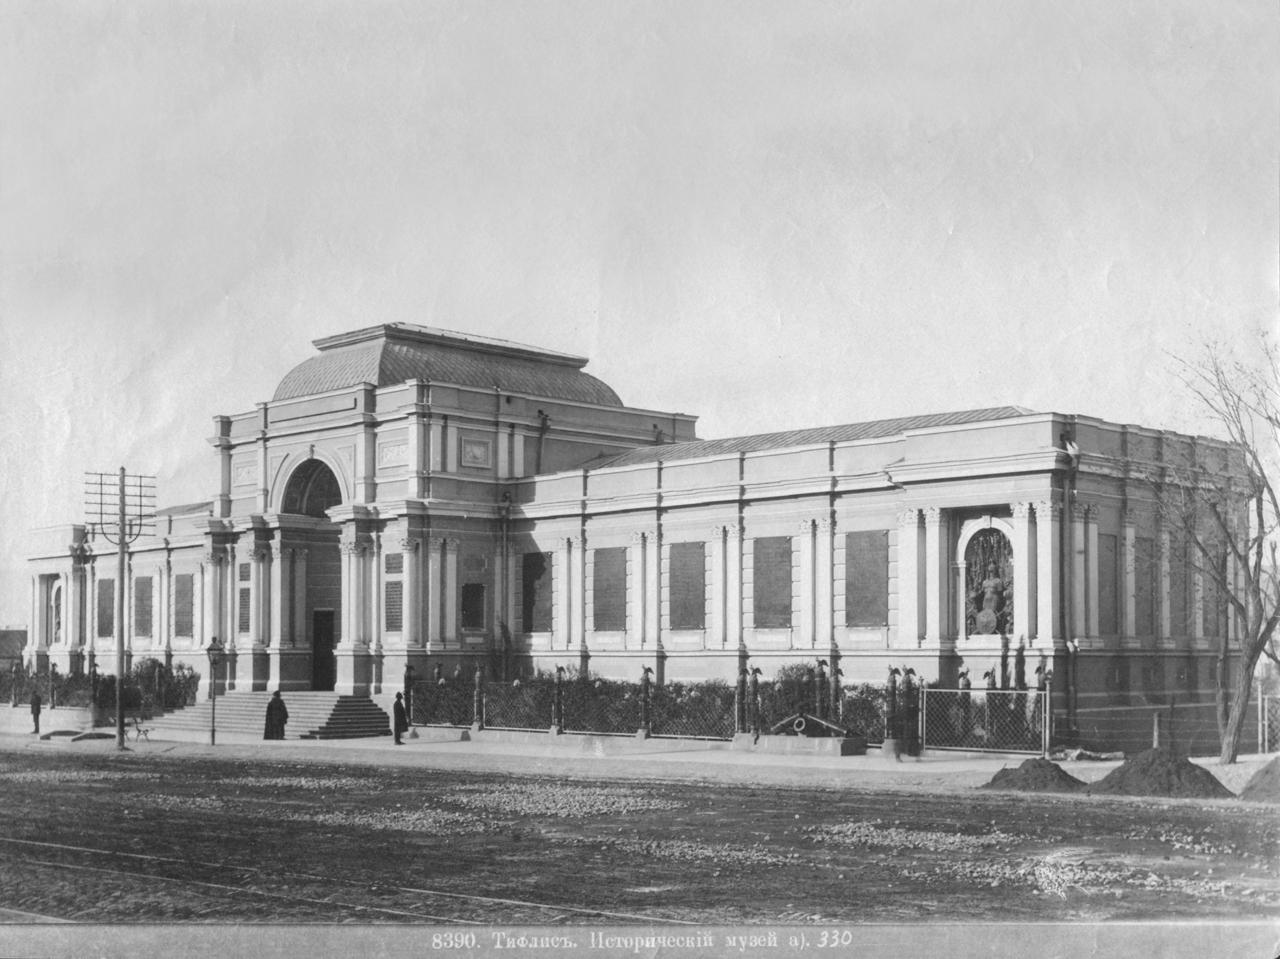 Исторический музей (Храм славы)